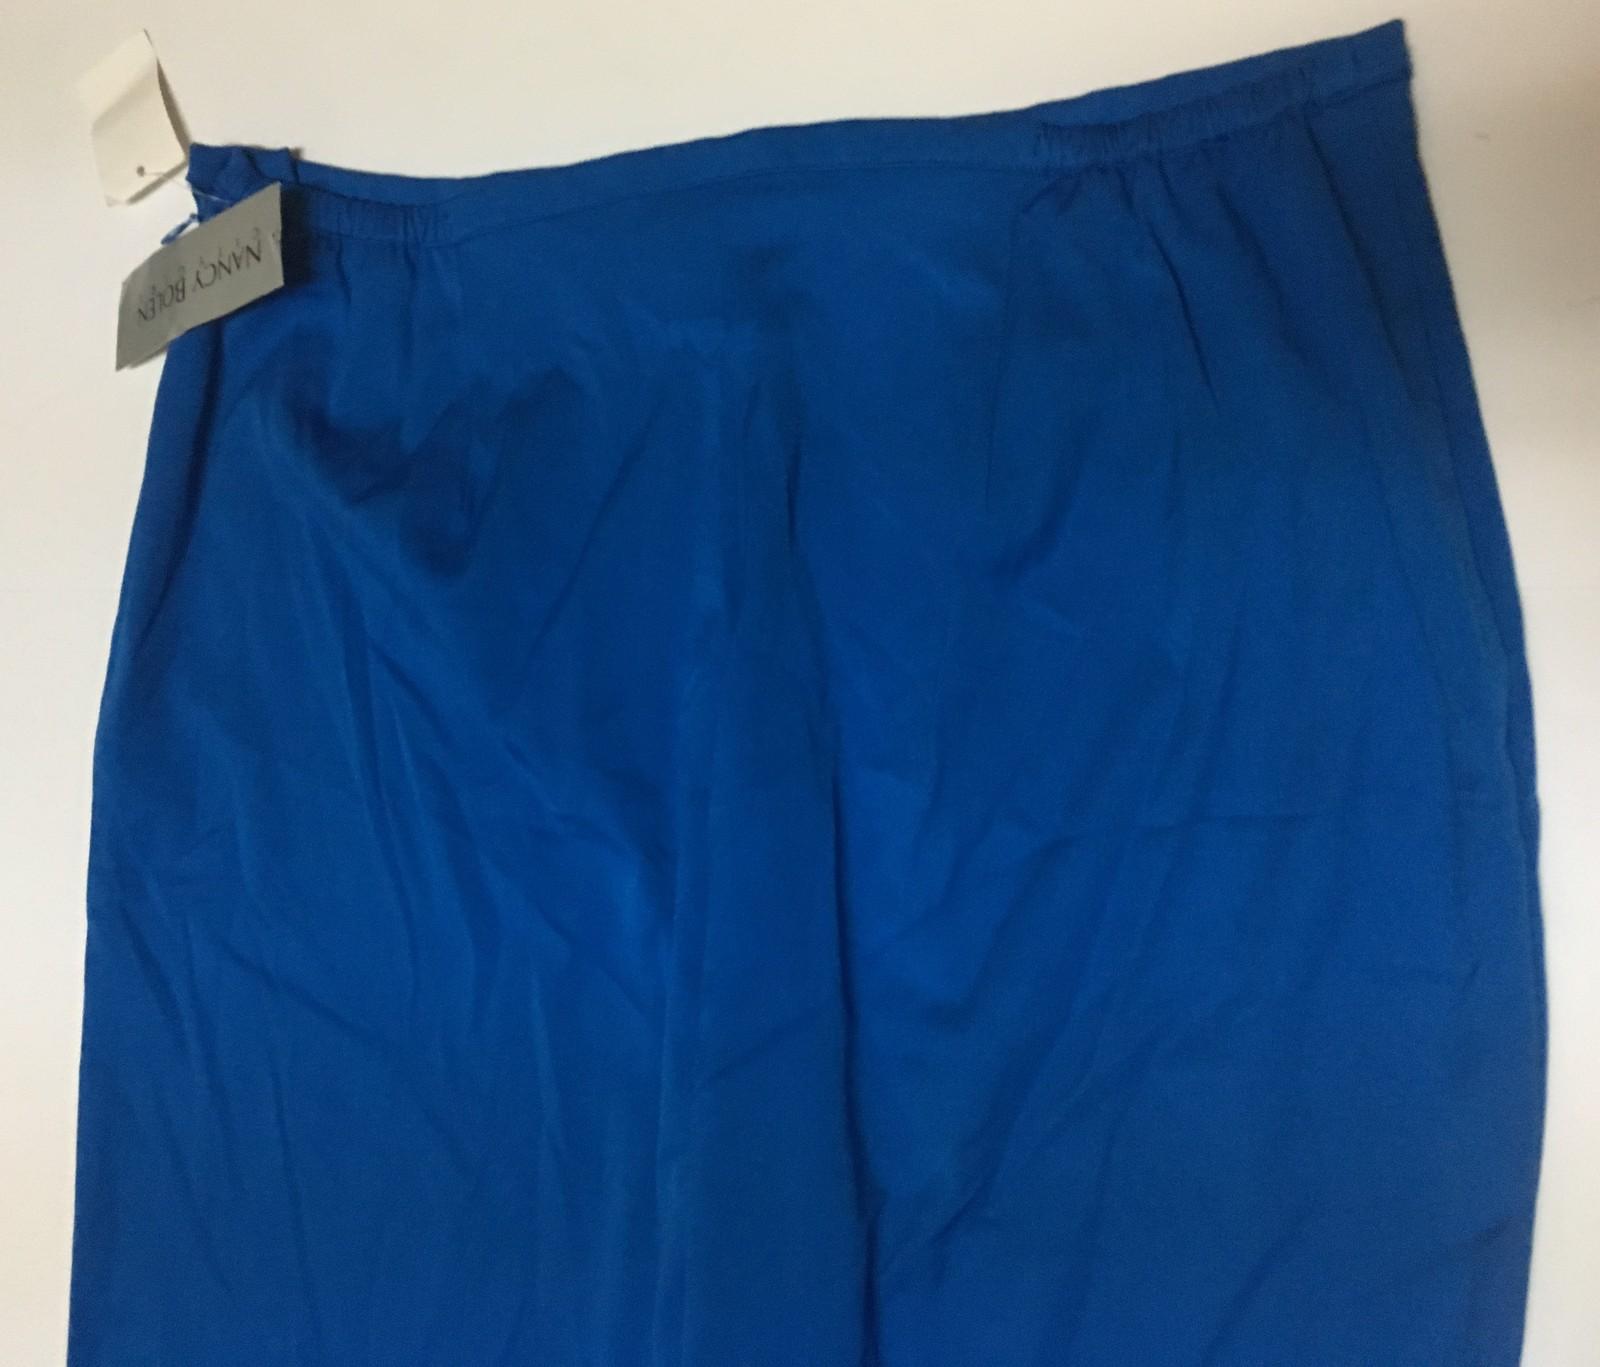 Nancy Bolen City Girl Pants Ocean Blue SZ 16 NWT